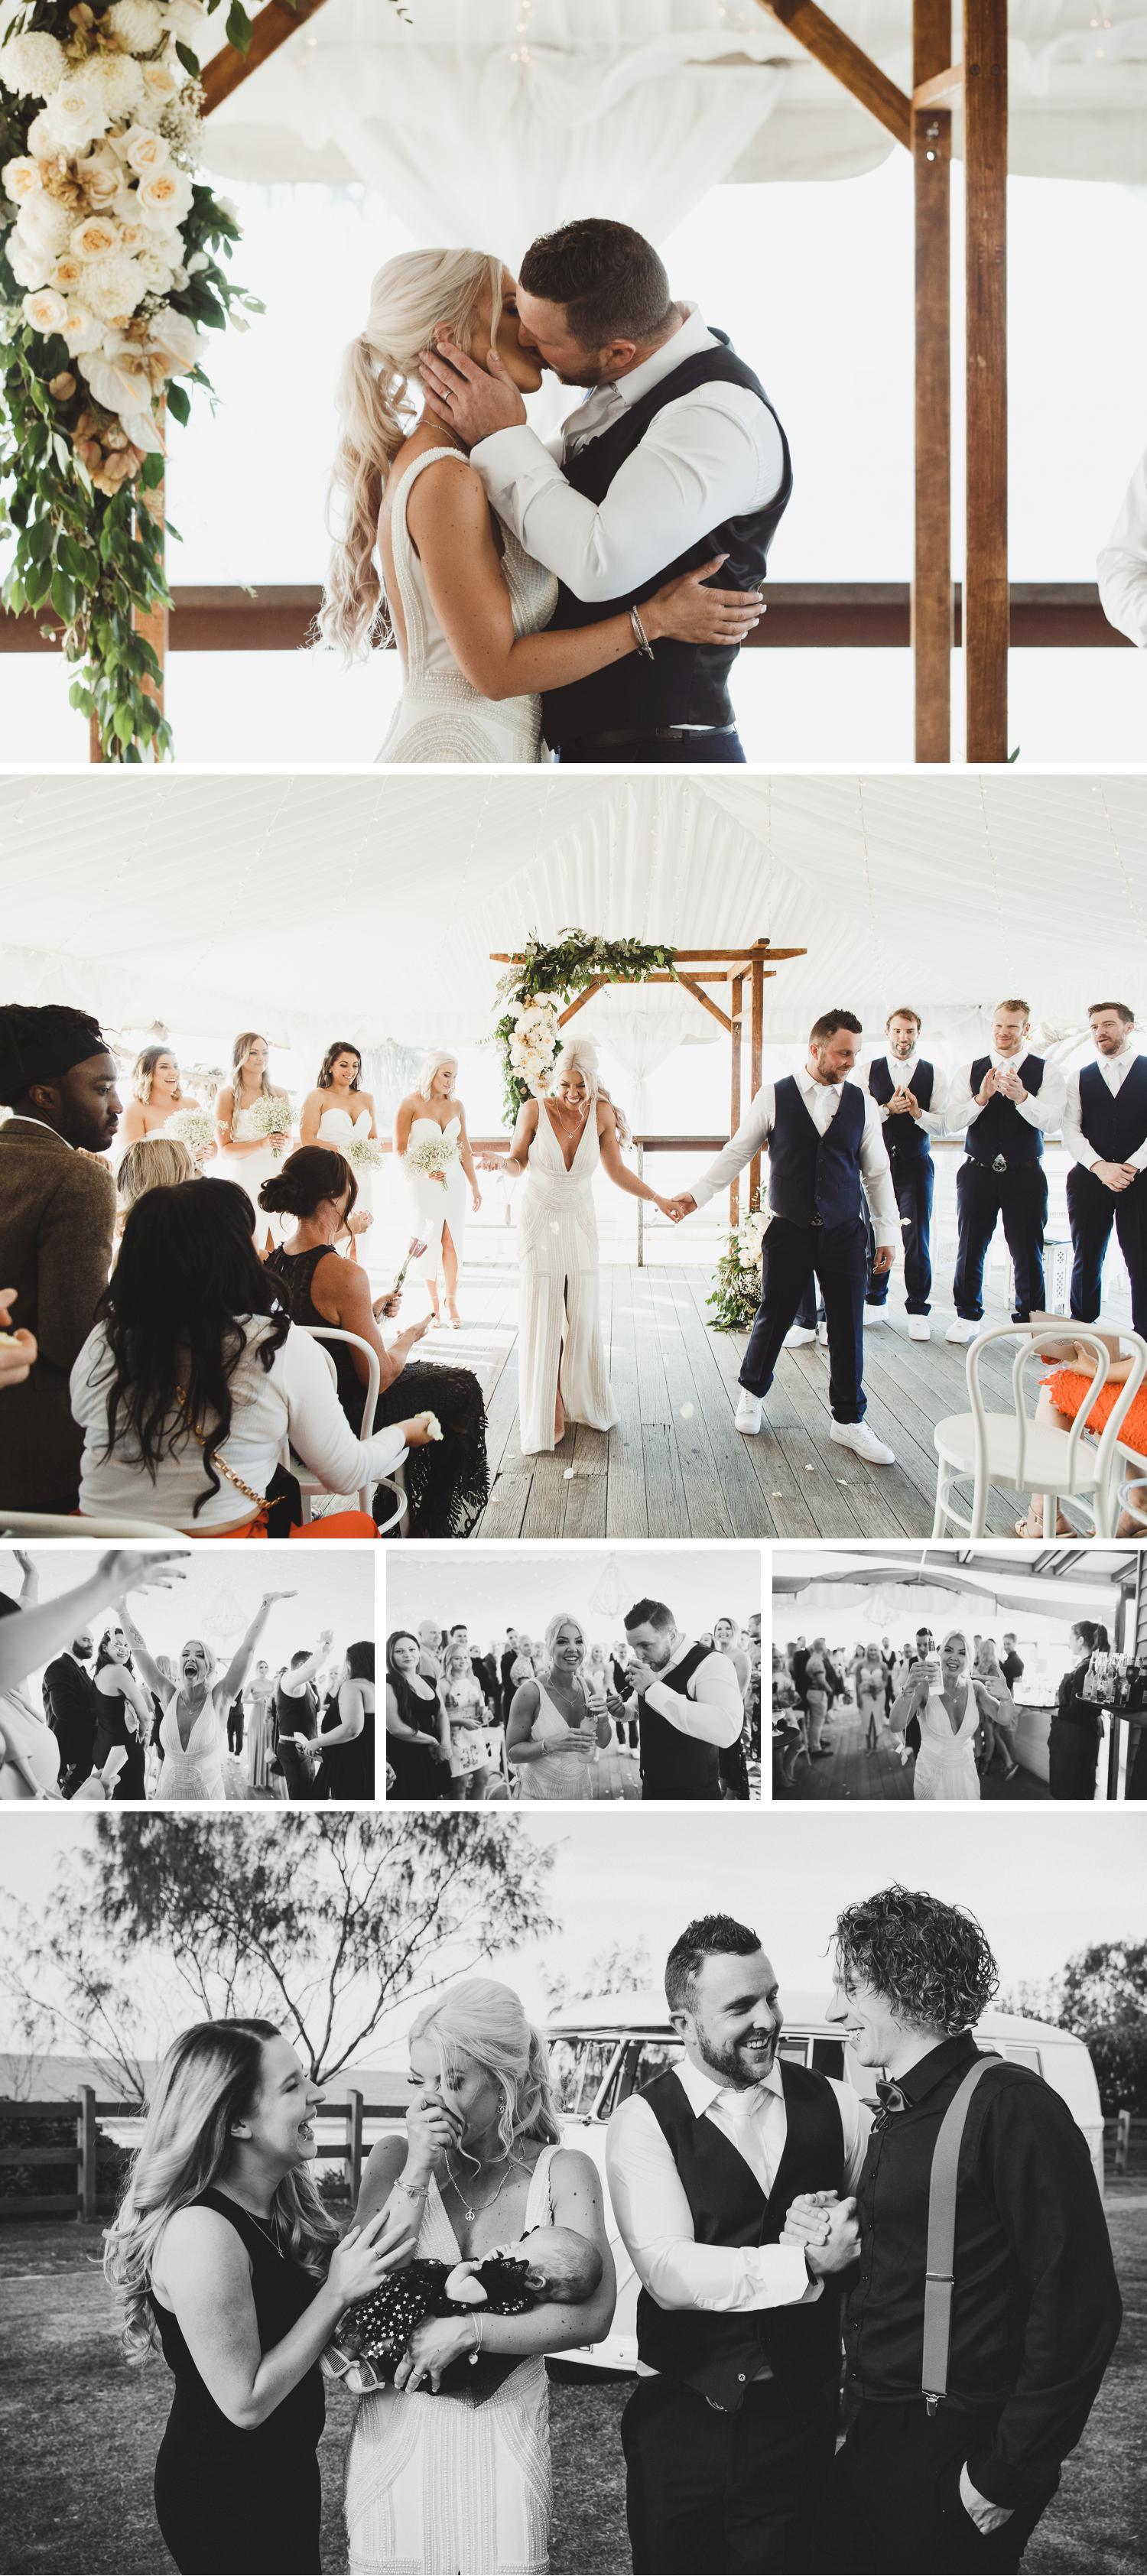 Byron Bay Victoria Wedding Photos, Byron Bay Surf Club Wedding, Bride Walking Down the Aisle, Bride and Groom Holding Hands Wedding Photos by Danae Studios